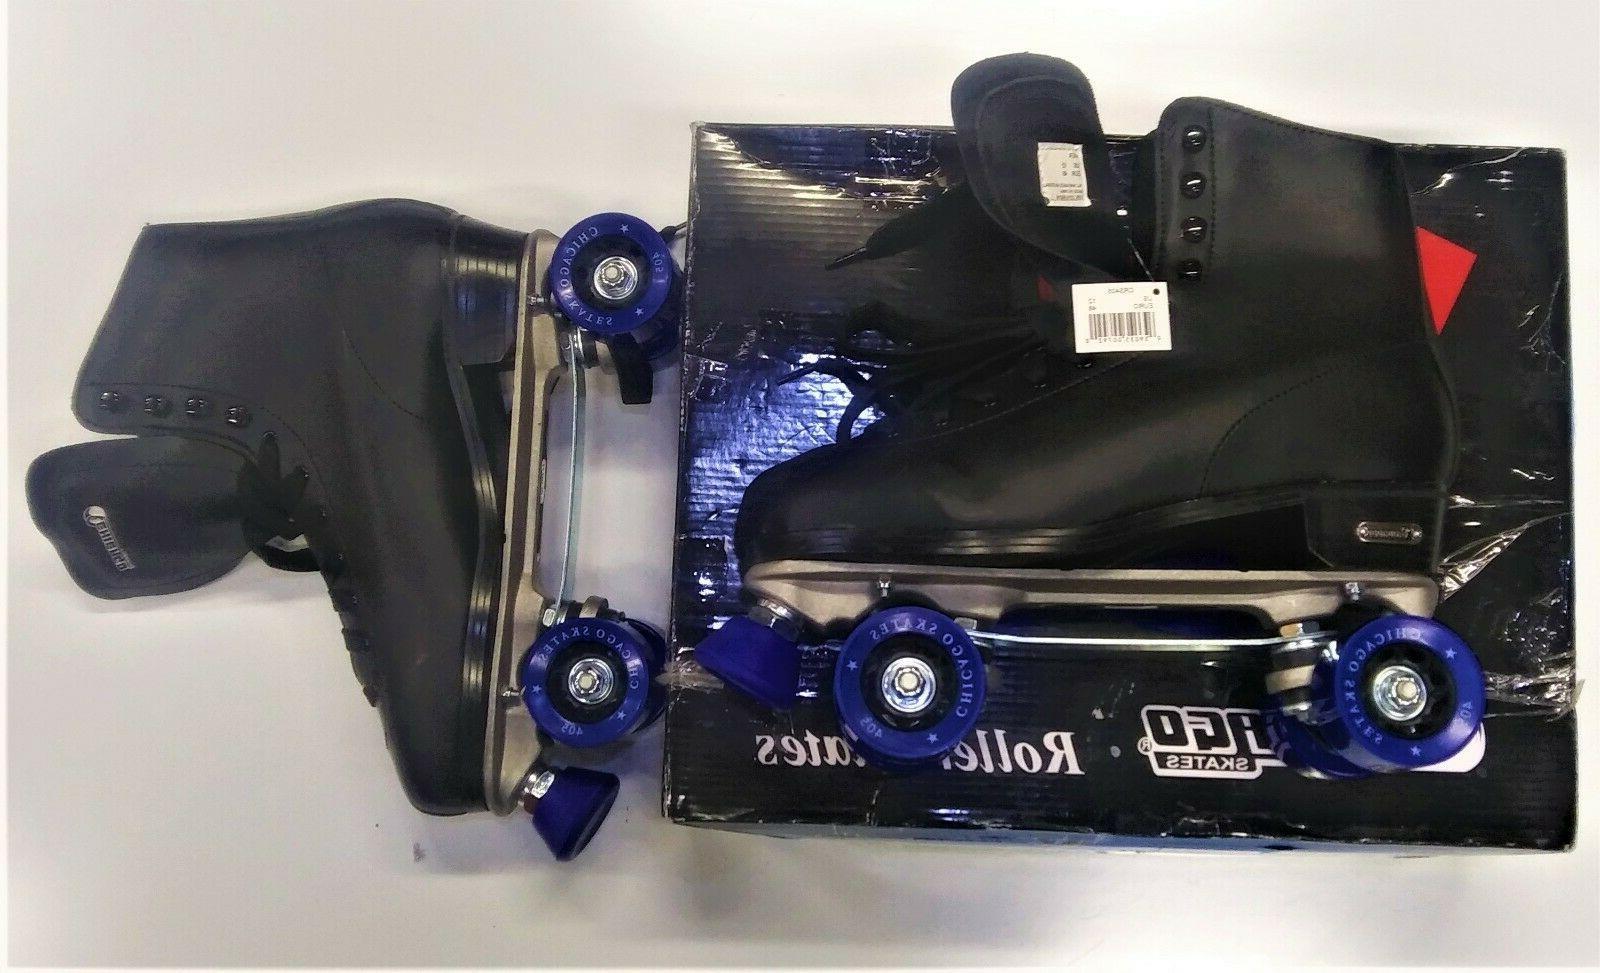 405 classic roller